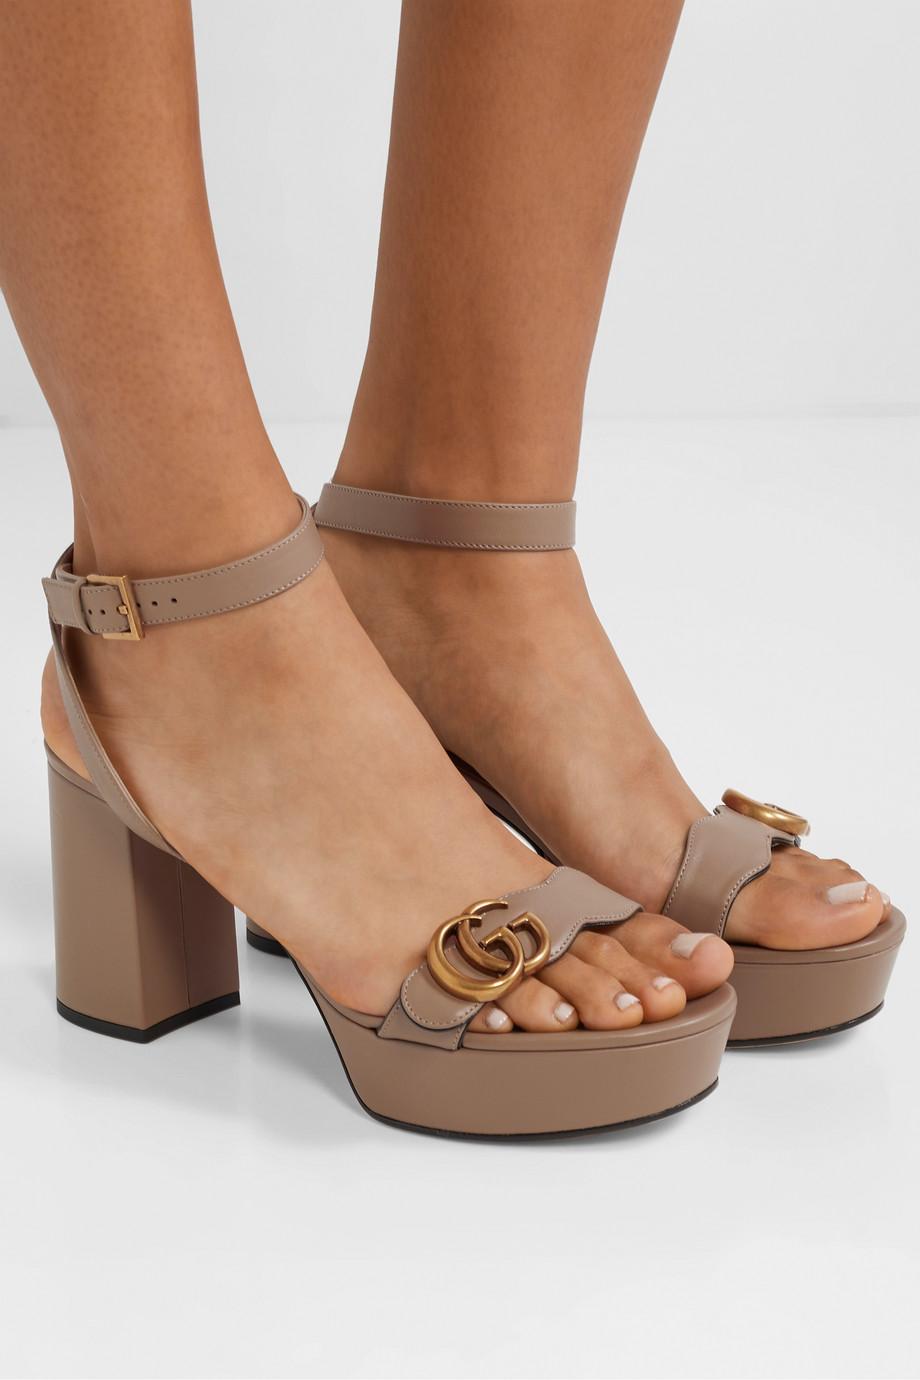 Gucci Marmont logo-embellished leather platform sandals